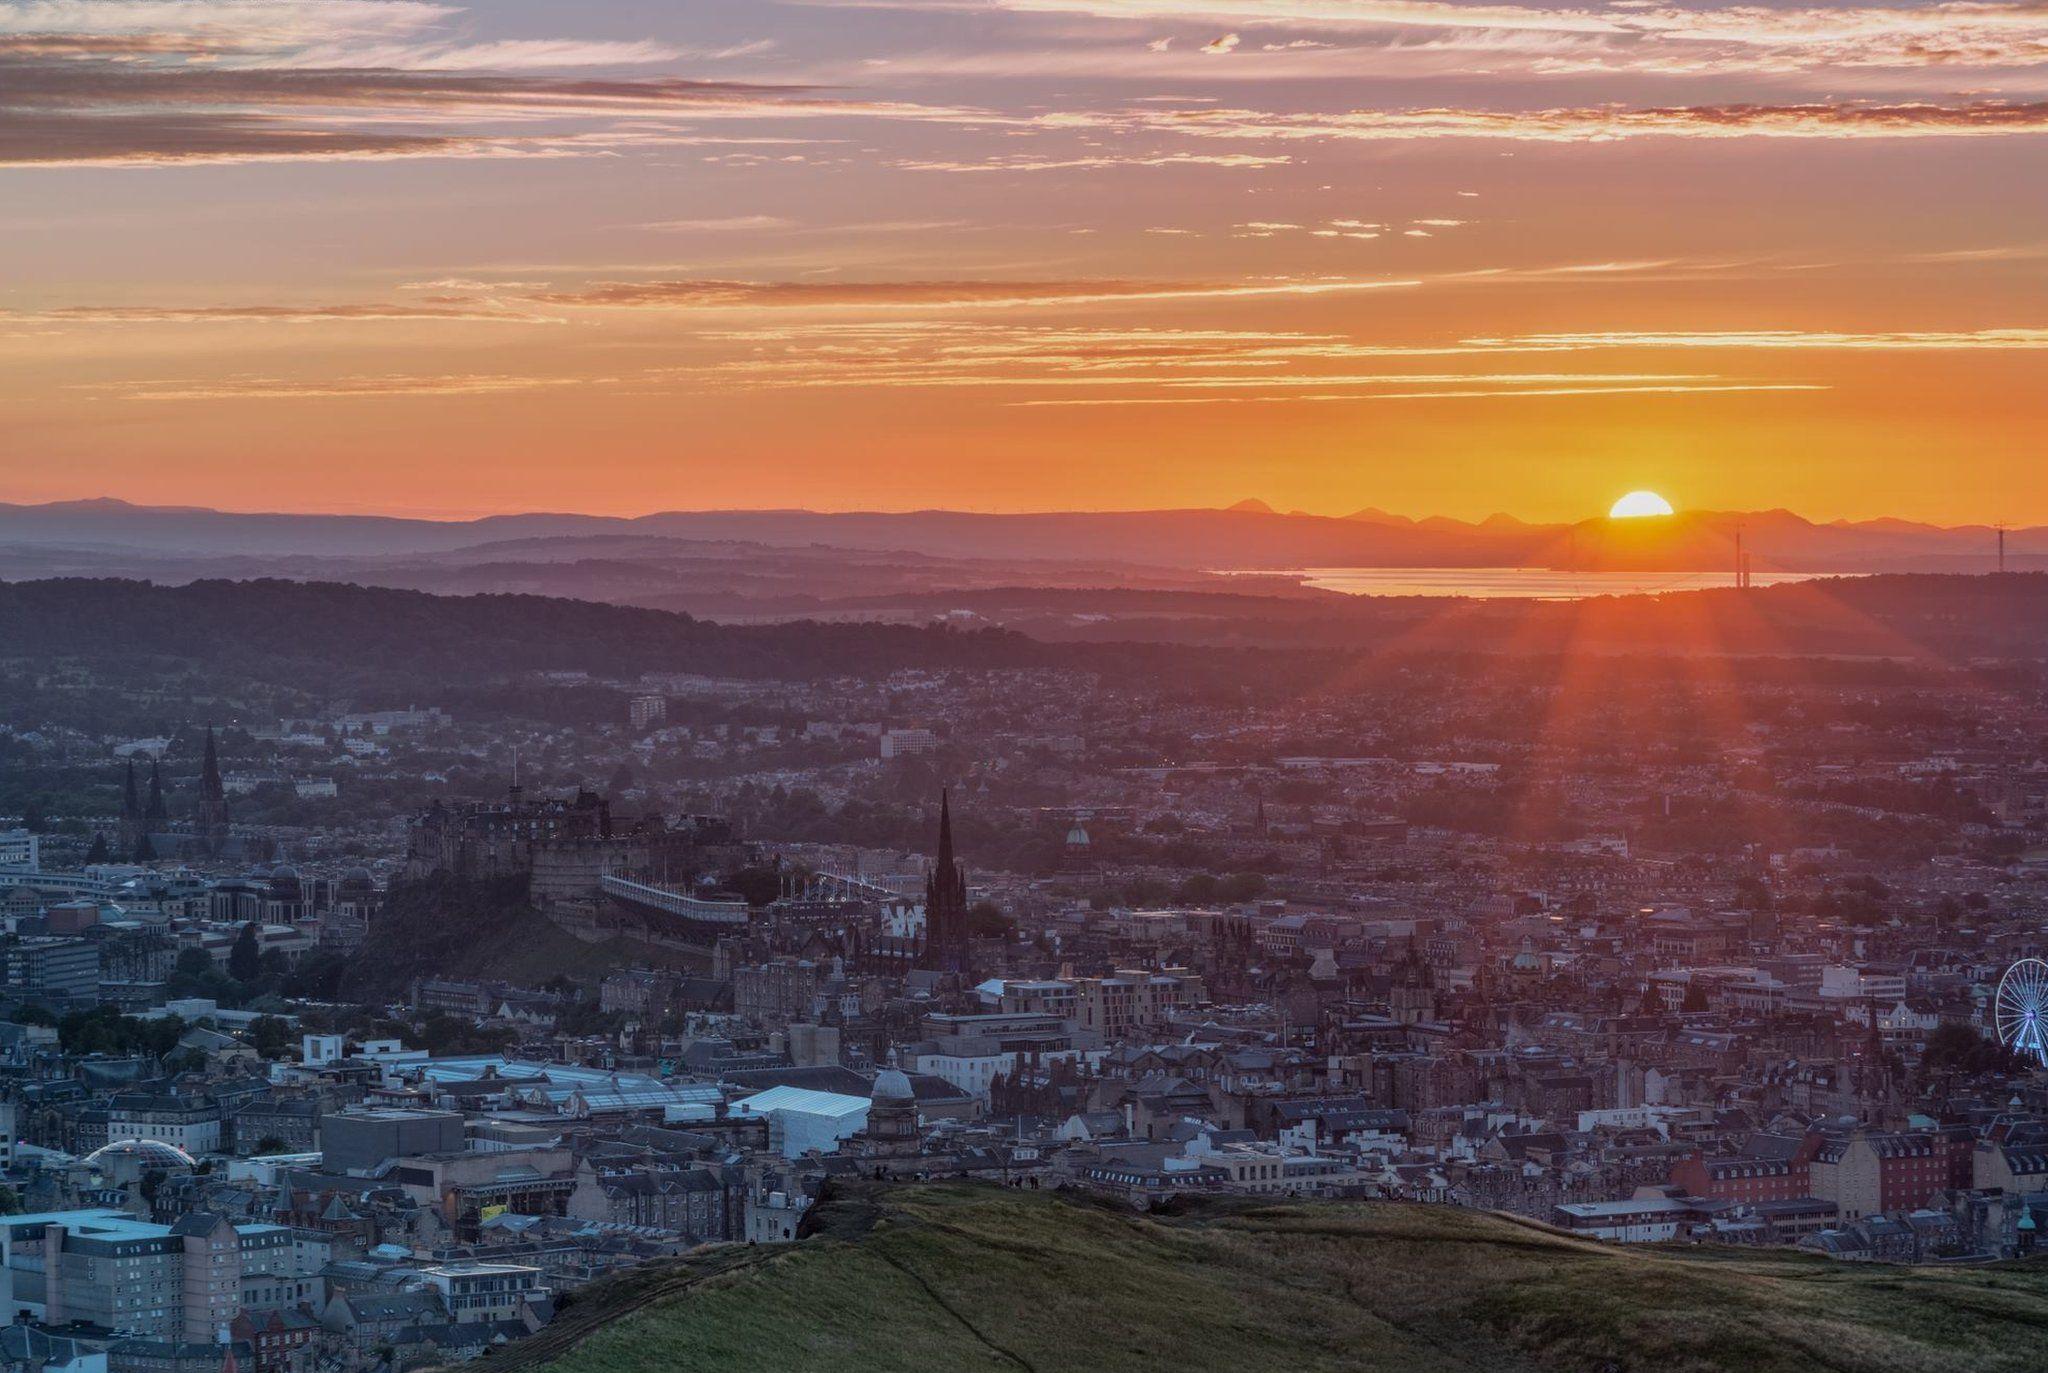 Sunset over Edinburgh